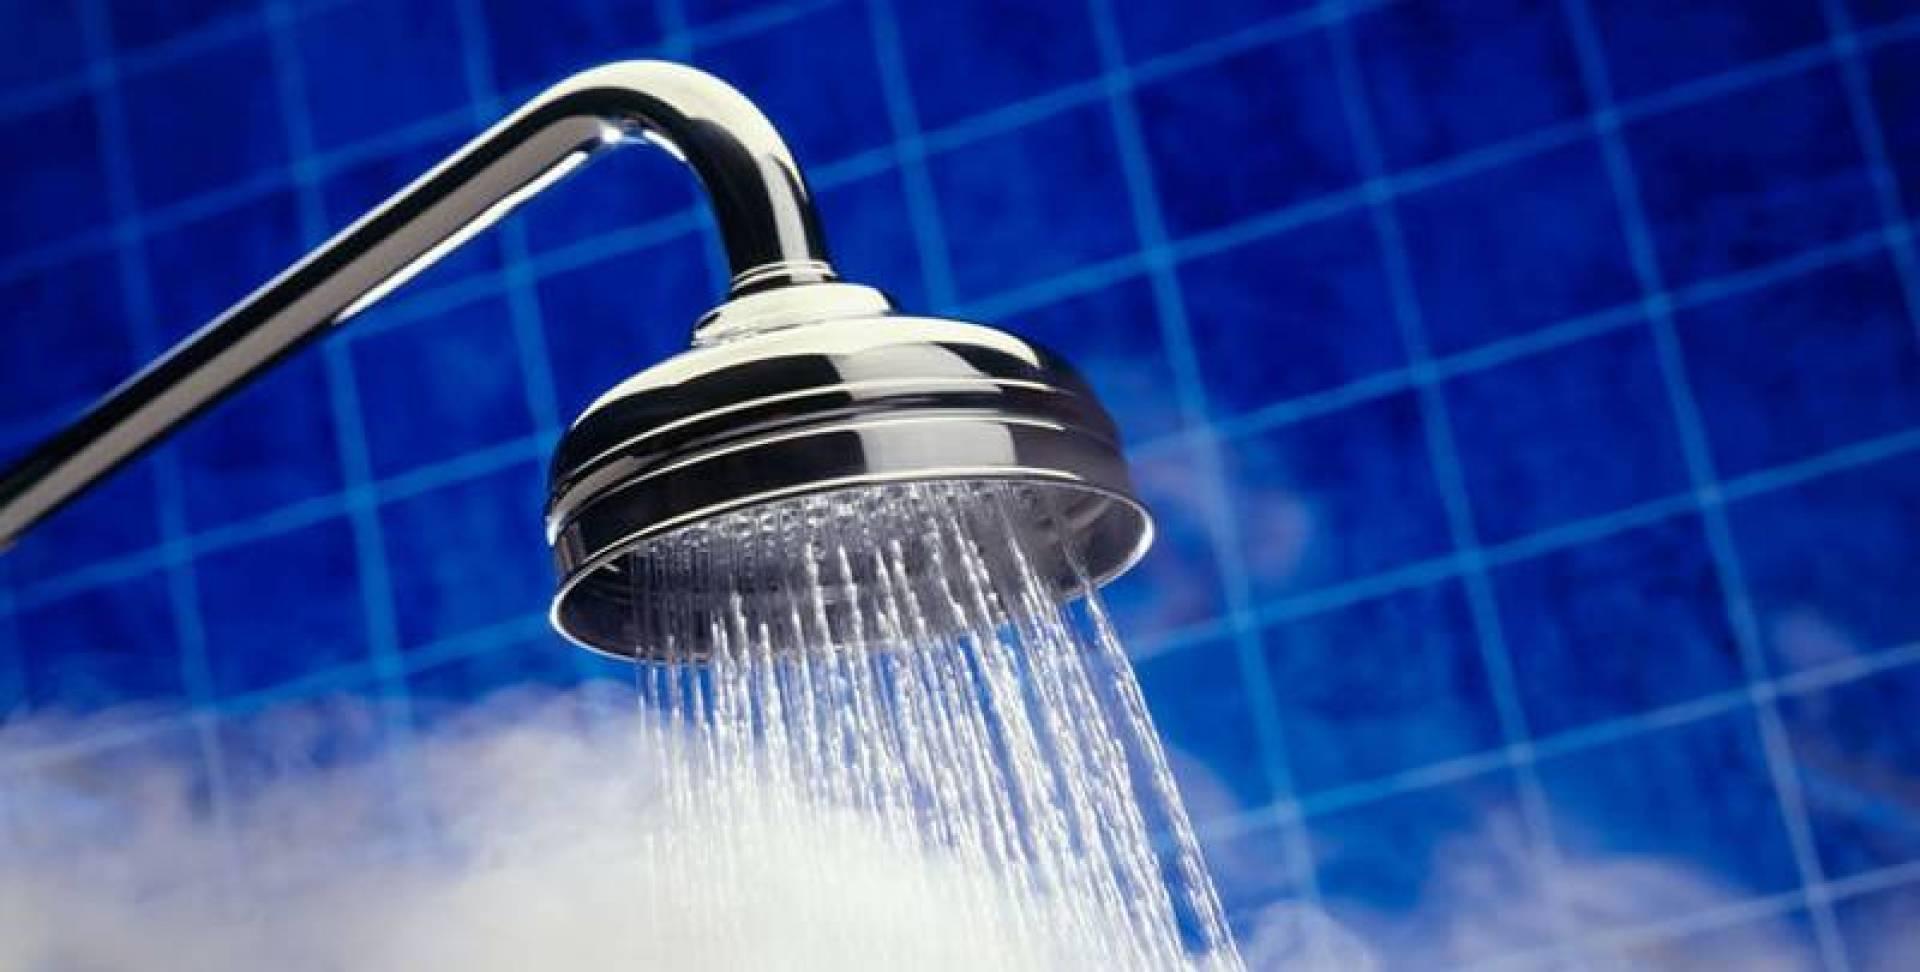 «الحمام الساخن» يقلل مخاطر أمراض القلب والسكتة الدماغية